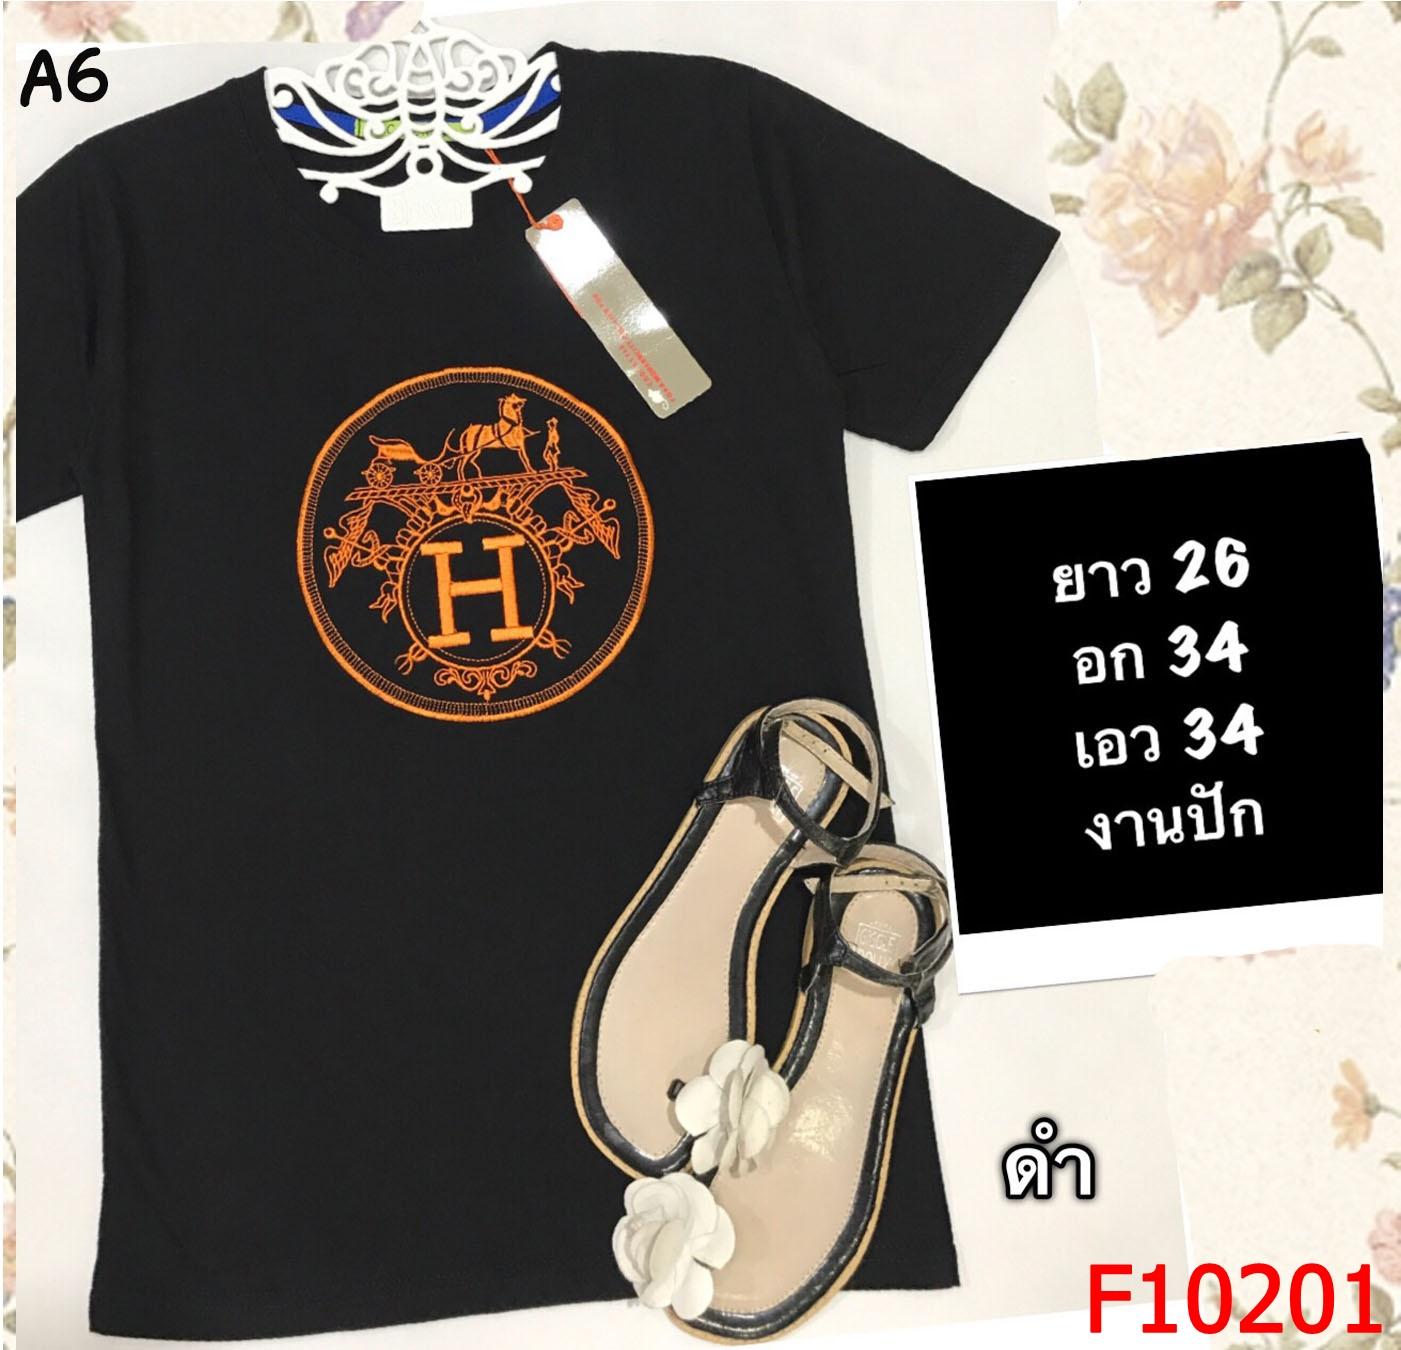 F10201 เสื้อยืด คอกลม สีดำ งานปัก ลาย H สีส้ม